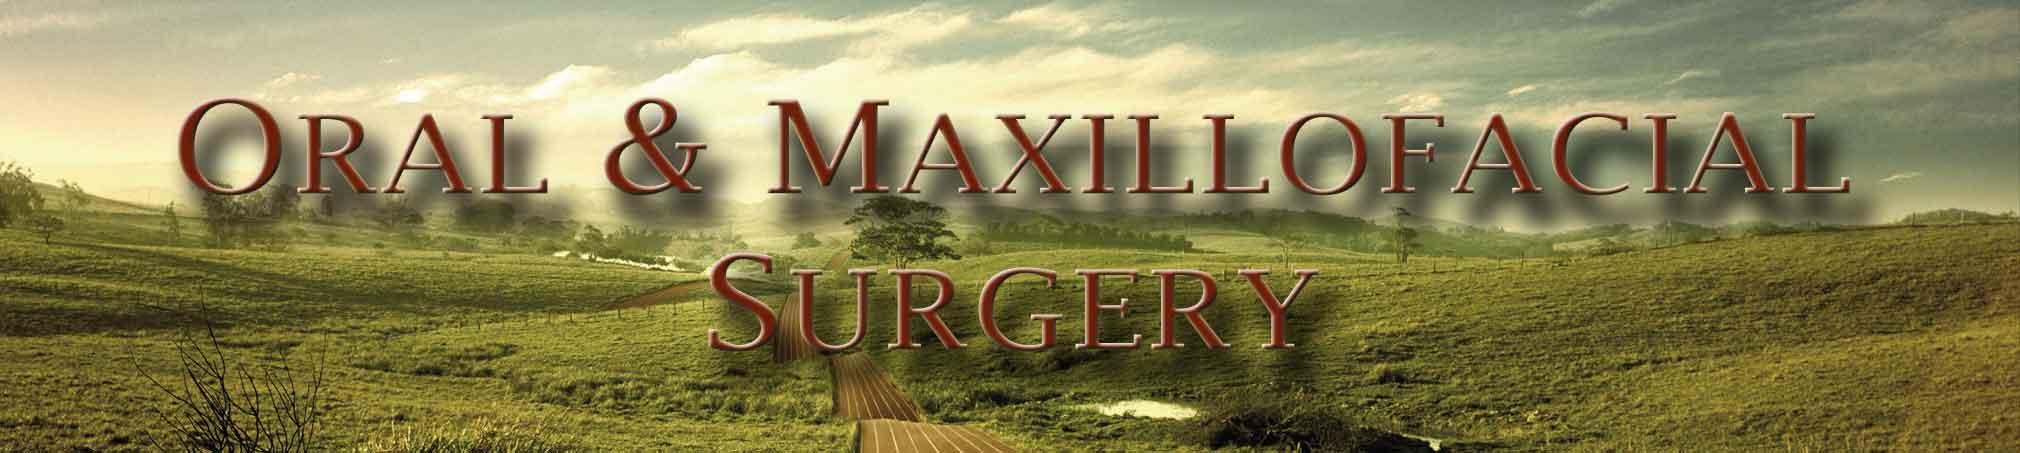 Oral-&-Maxillofacial-Surger